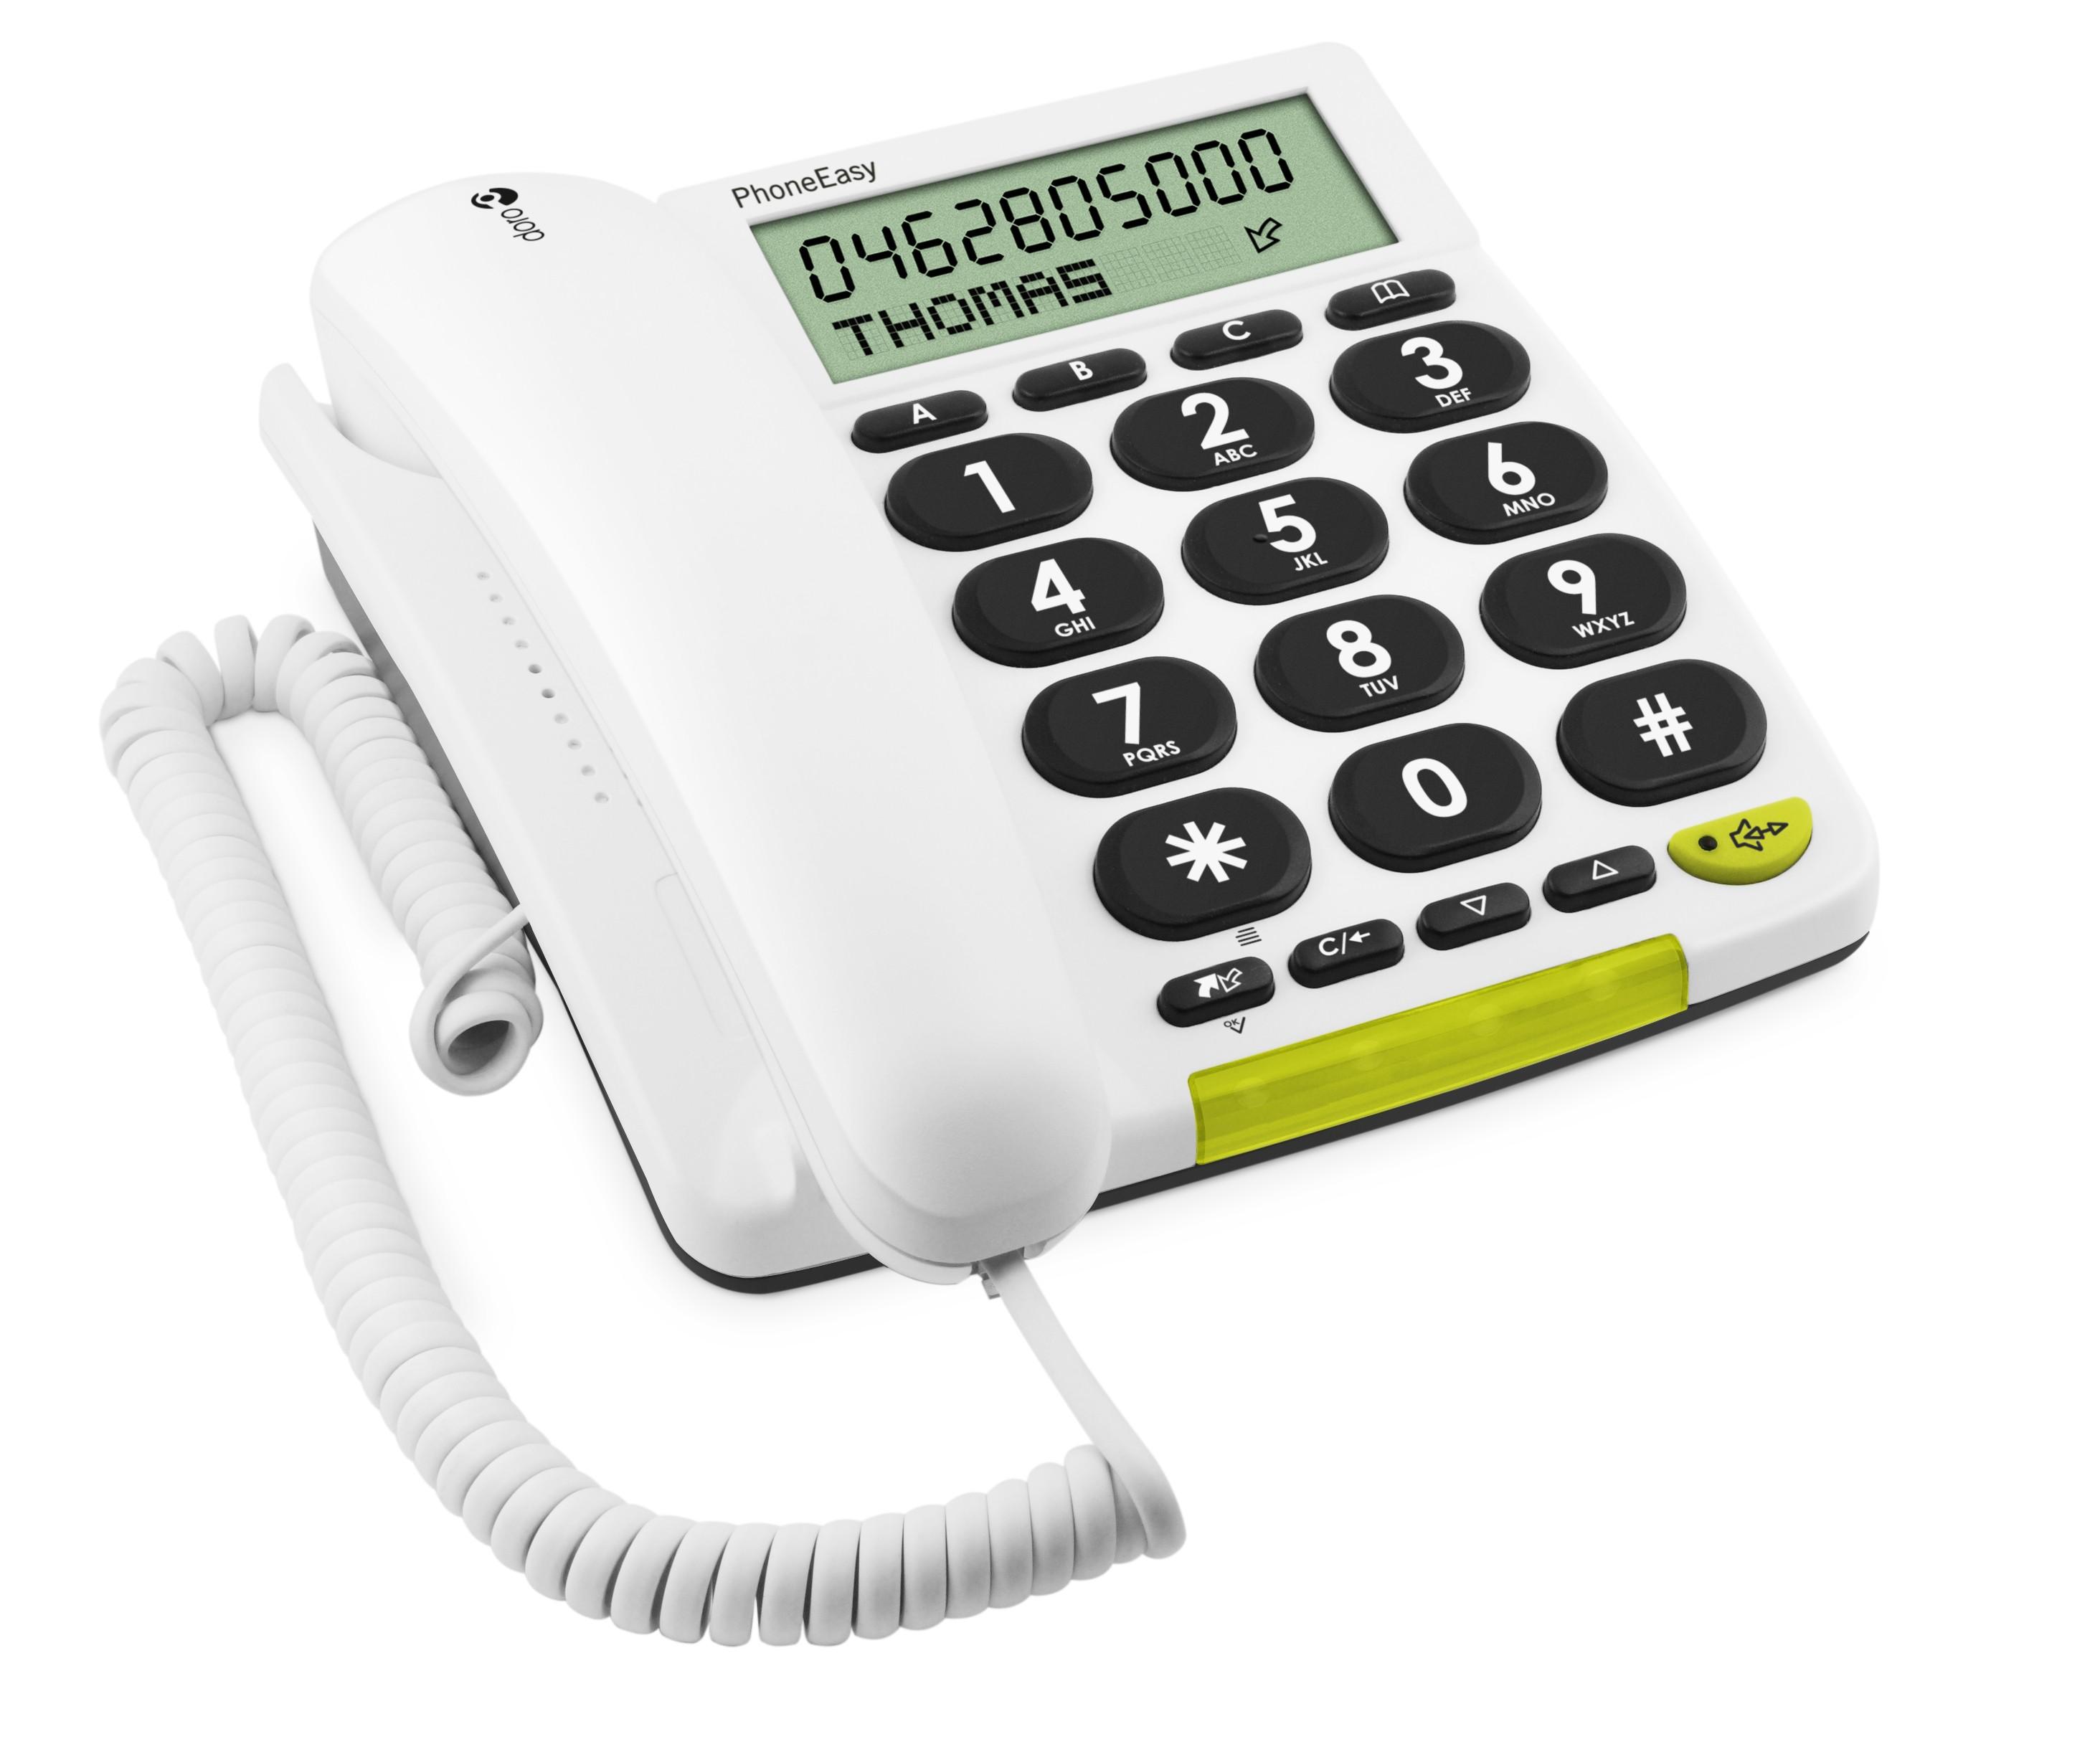 Doro PhoneEasy 312c Corded Telephone